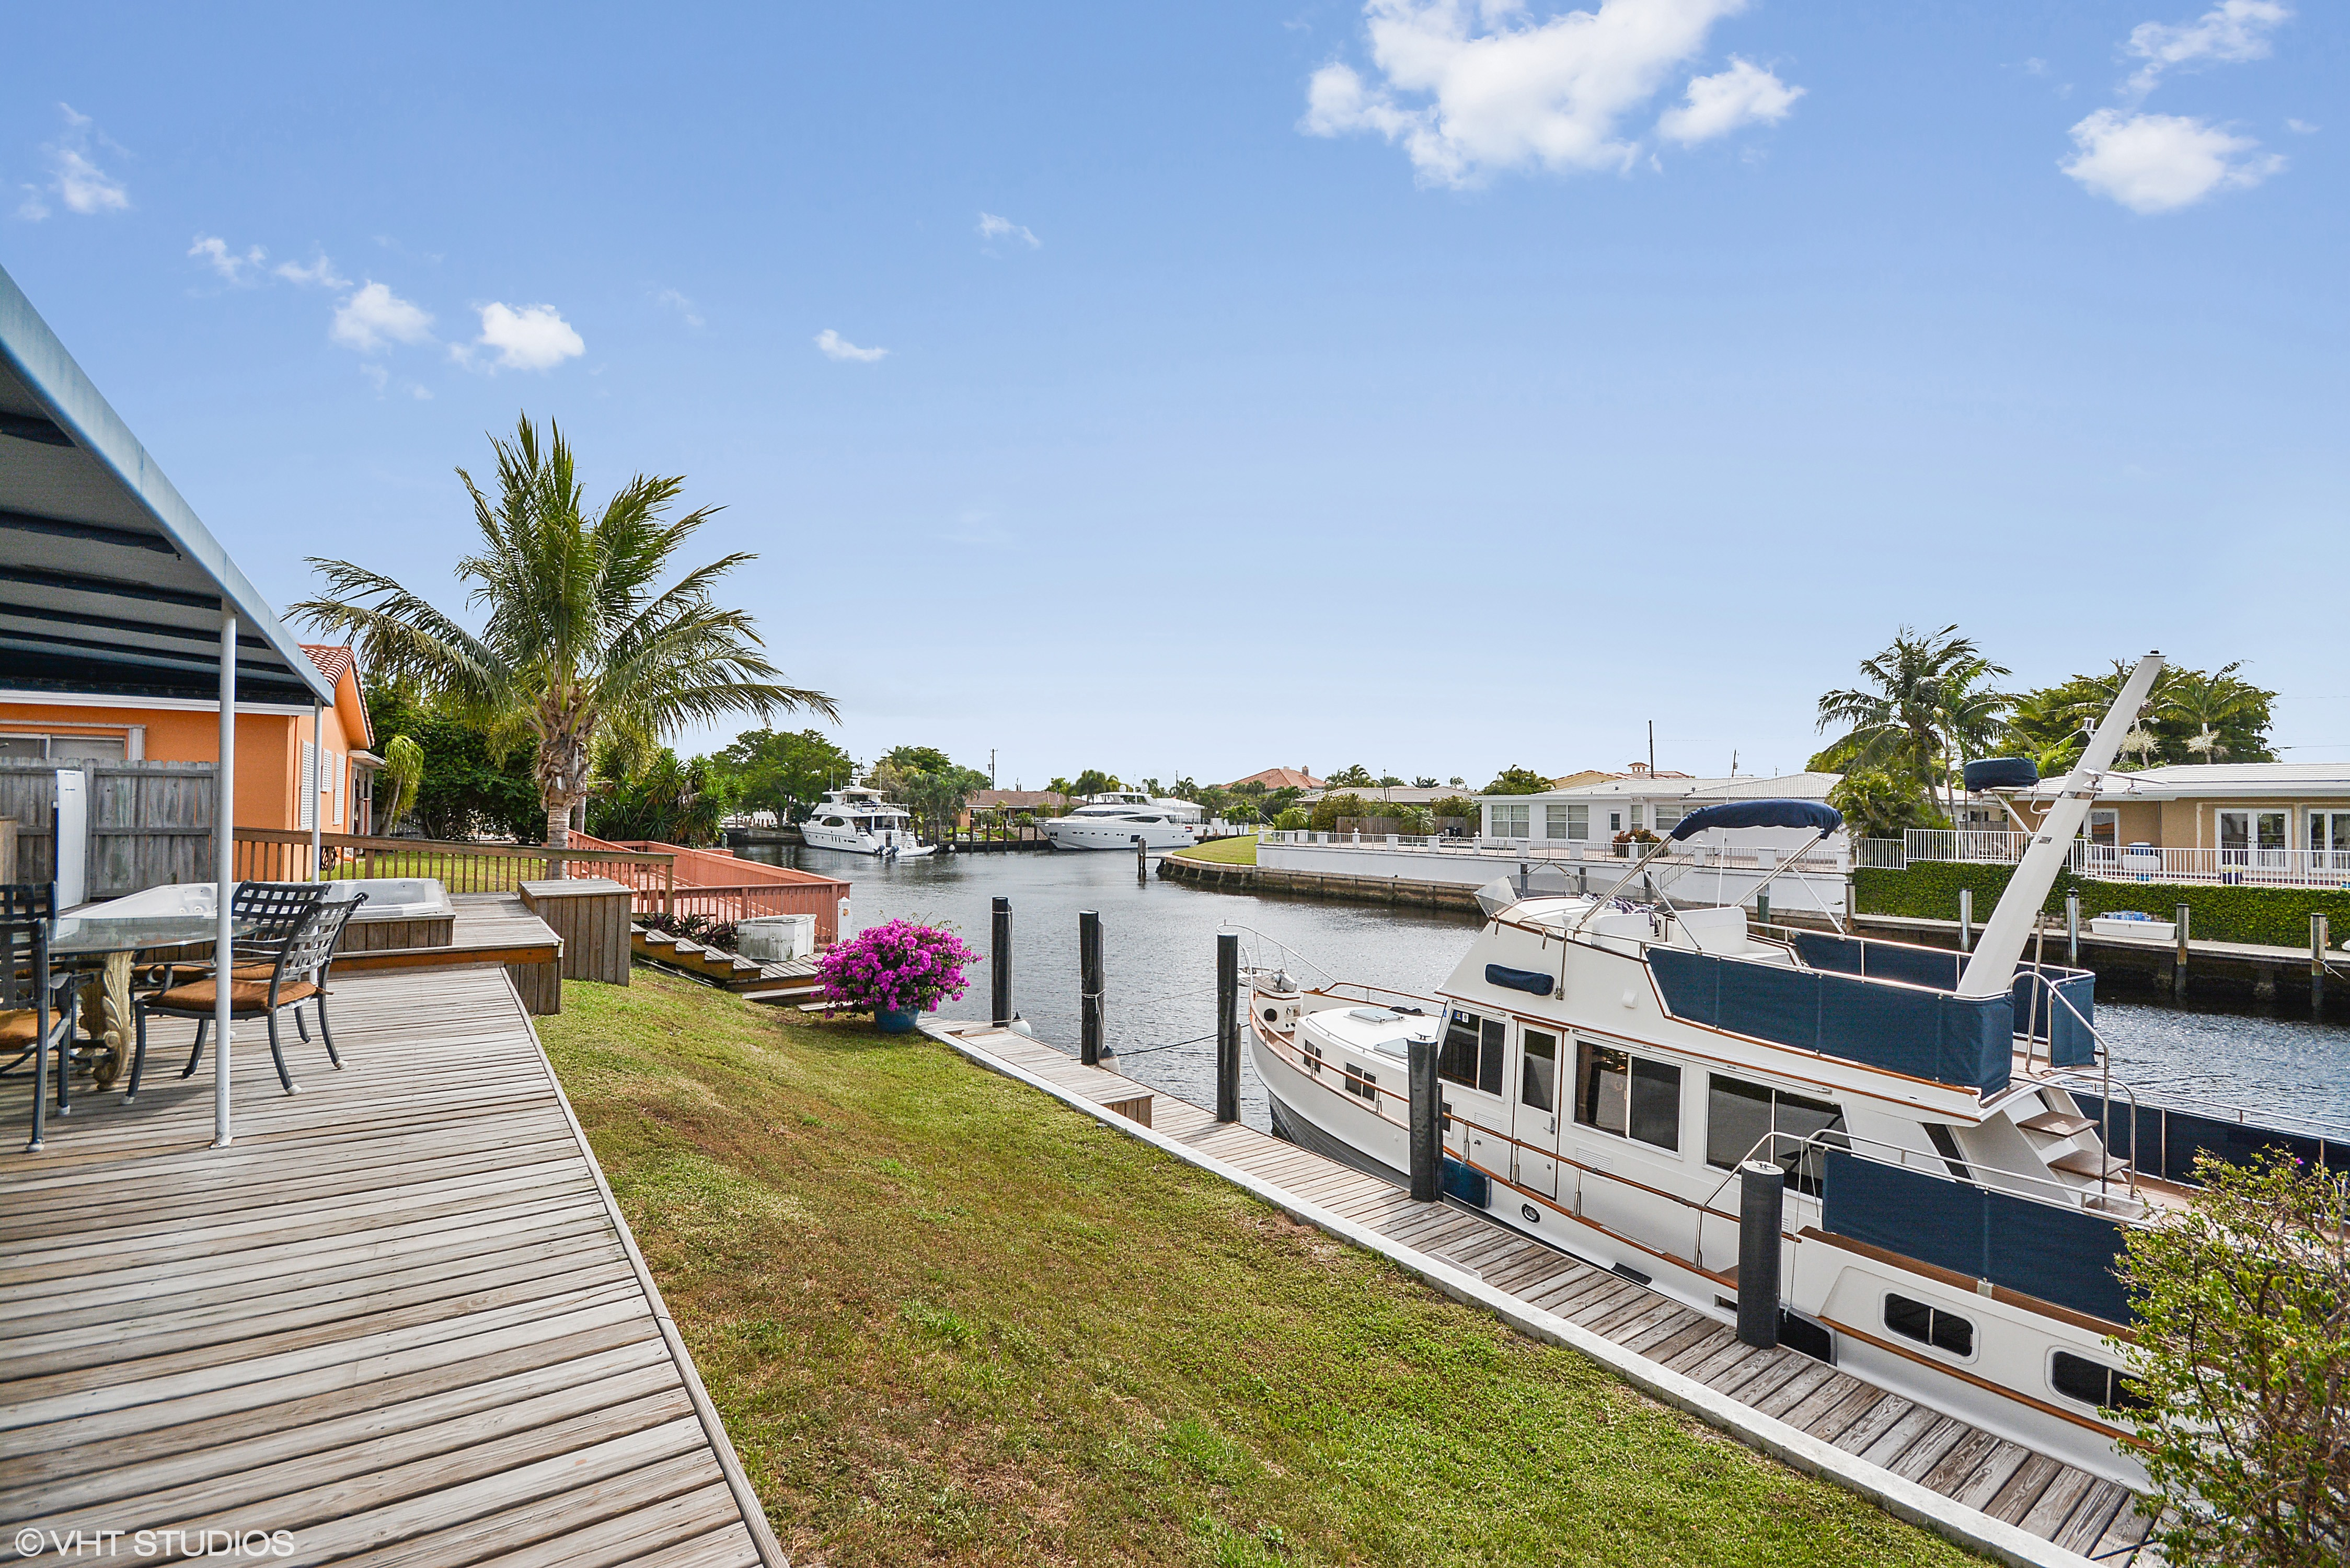 独户住宅 为 销售 在 4125 Ne 34th Ave 劳德代尔堡, 佛罗里达州, 33308 美国